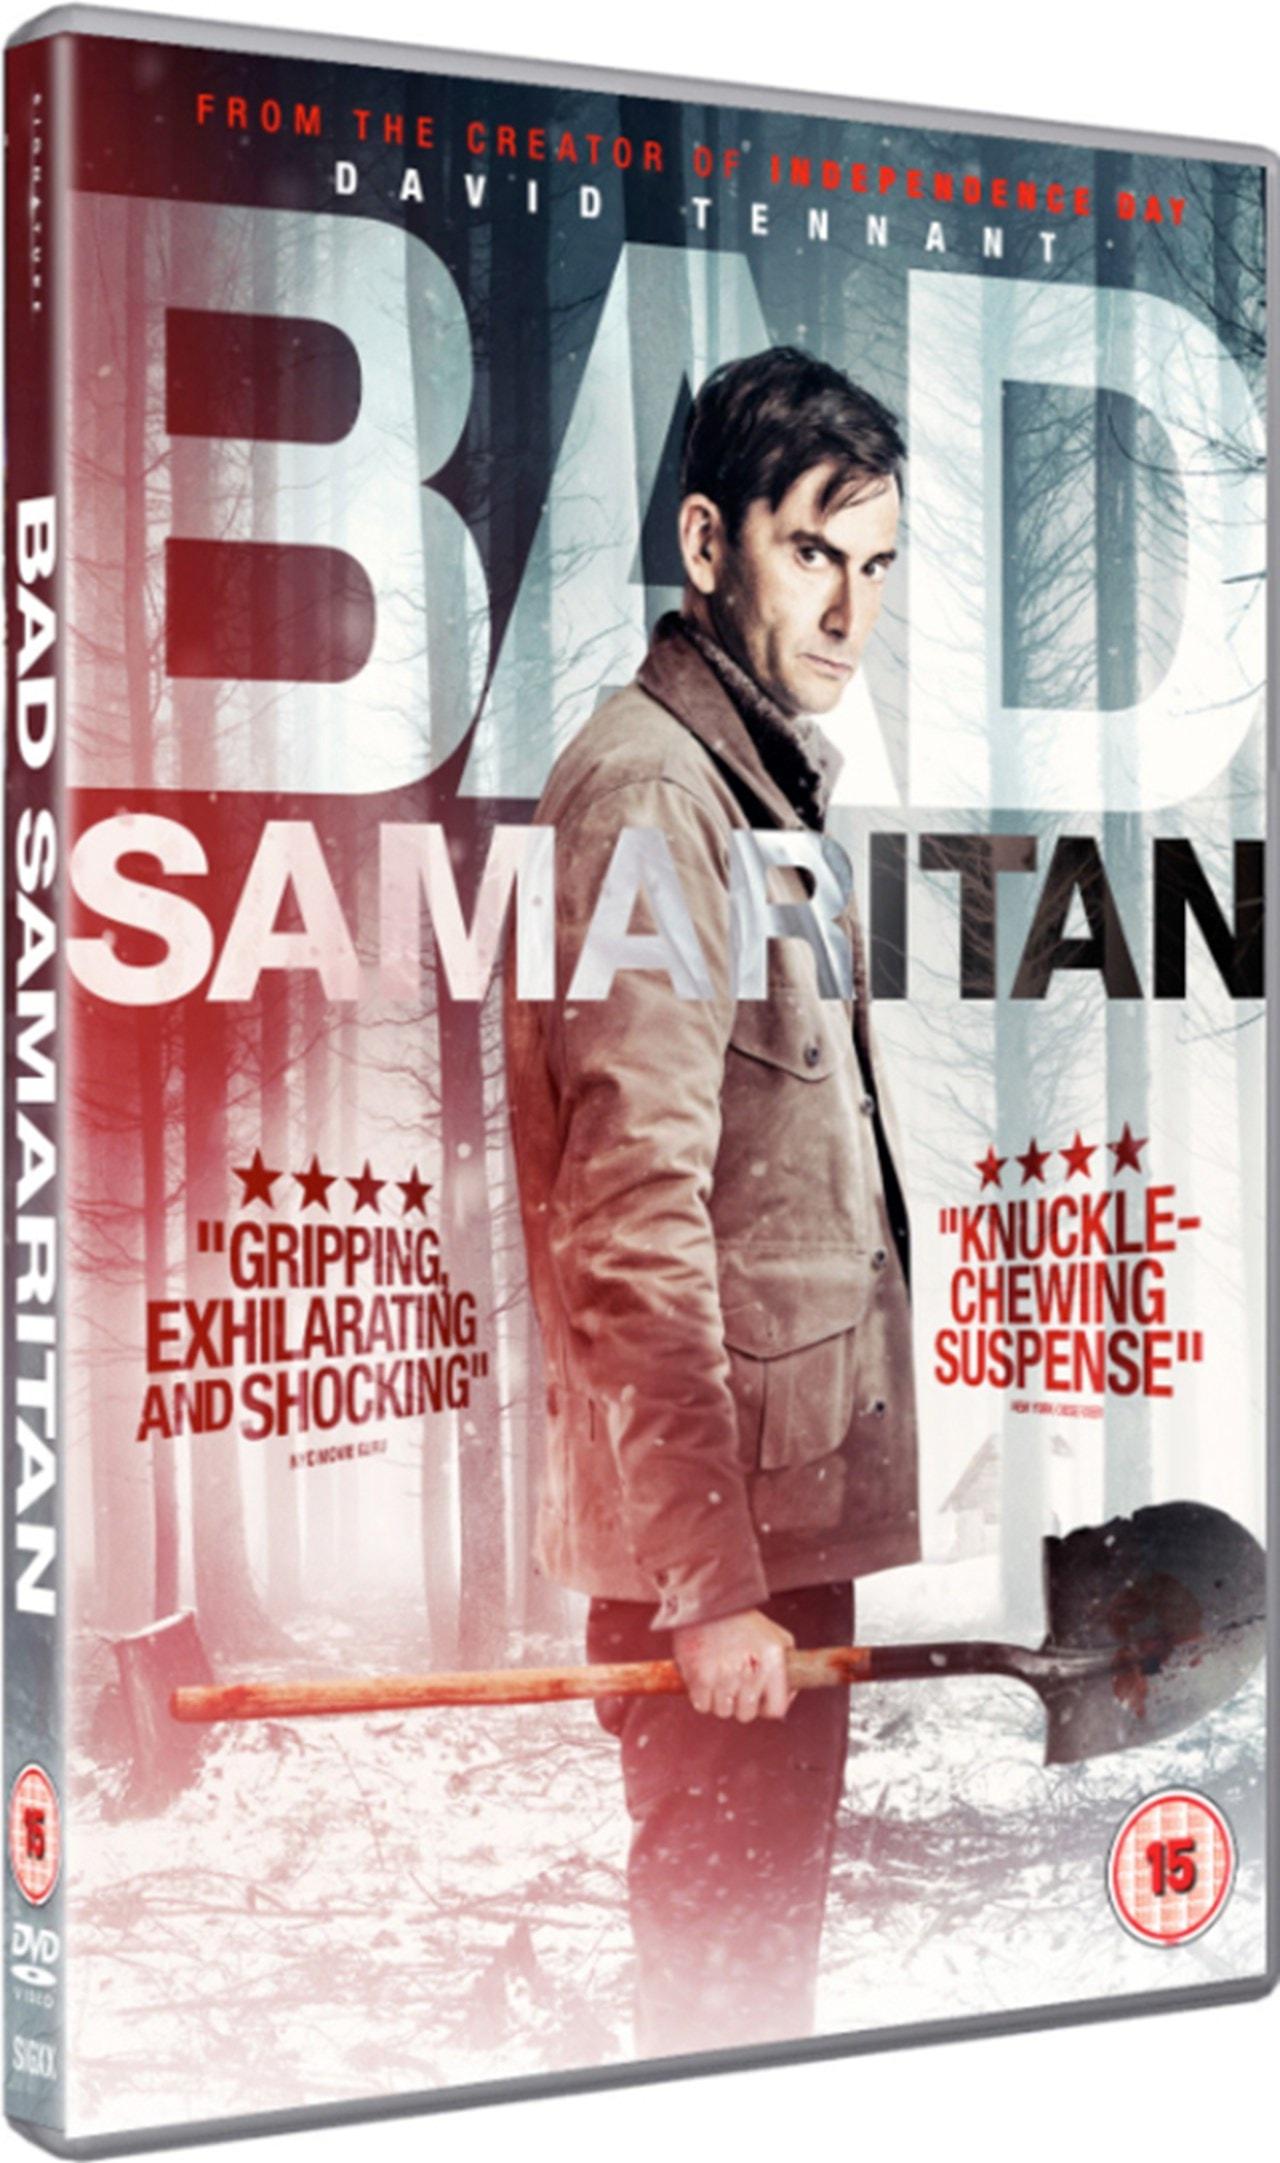 Bad Samaritan - 2